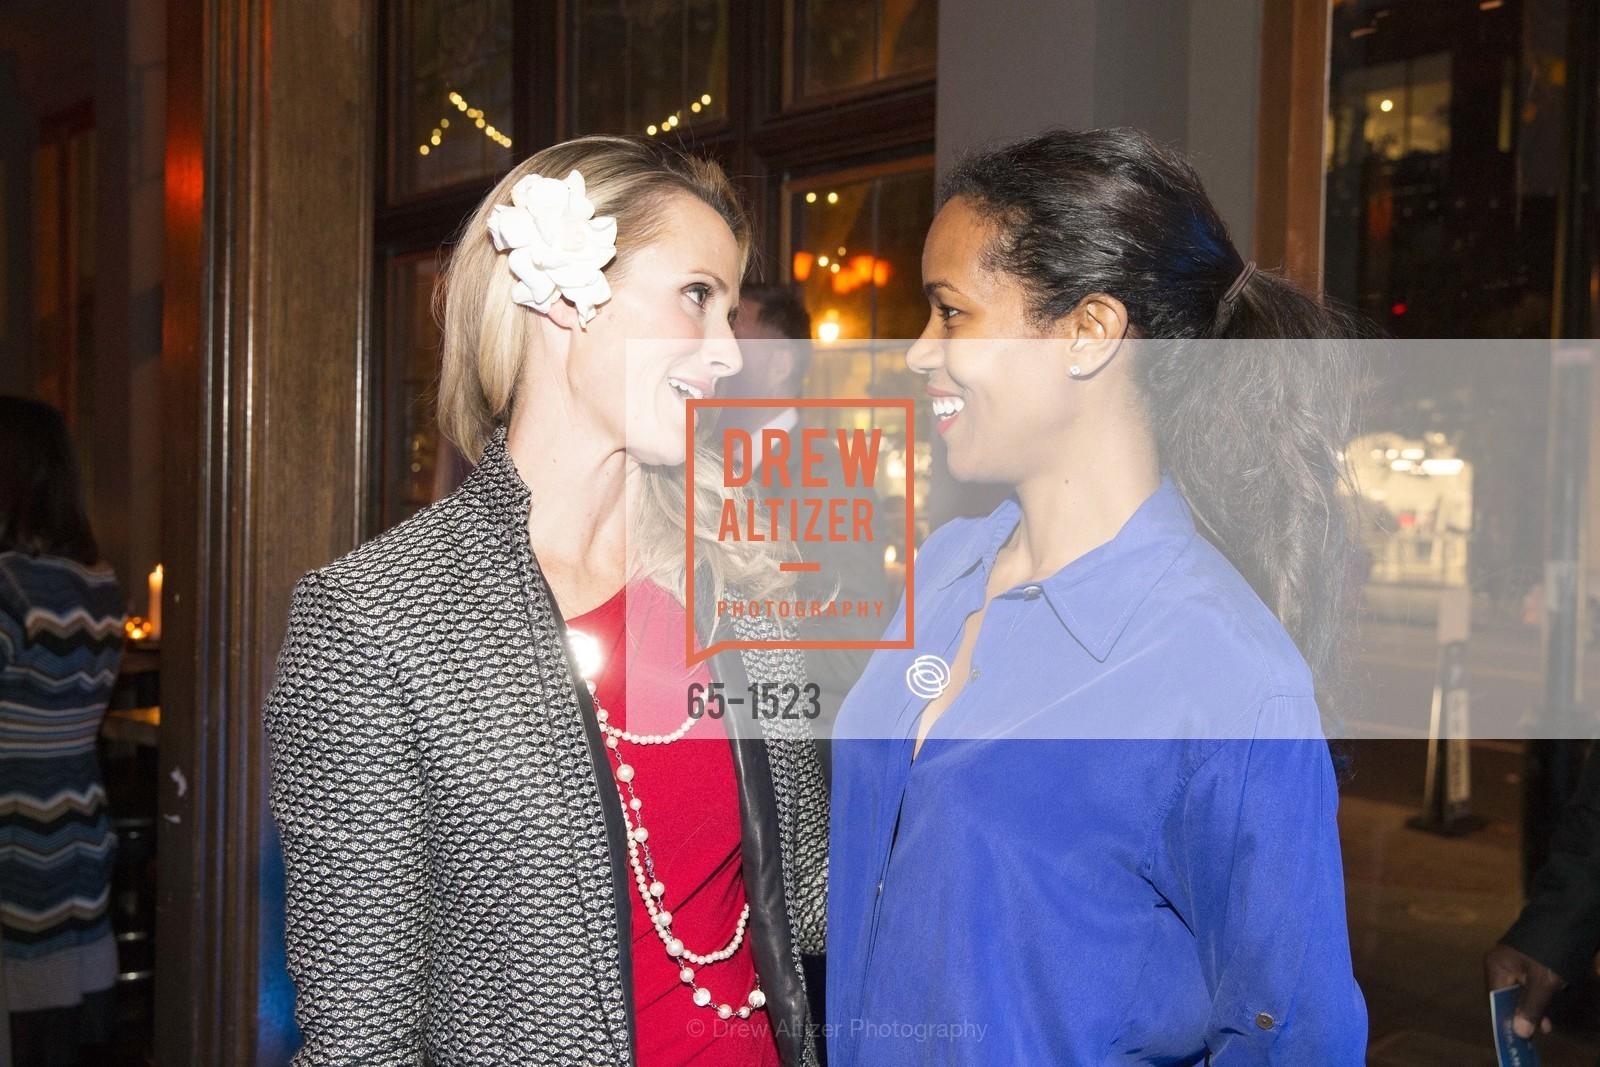 Jennifer Siebel Newsom, Ashely Adjaye, Photo #65-1523